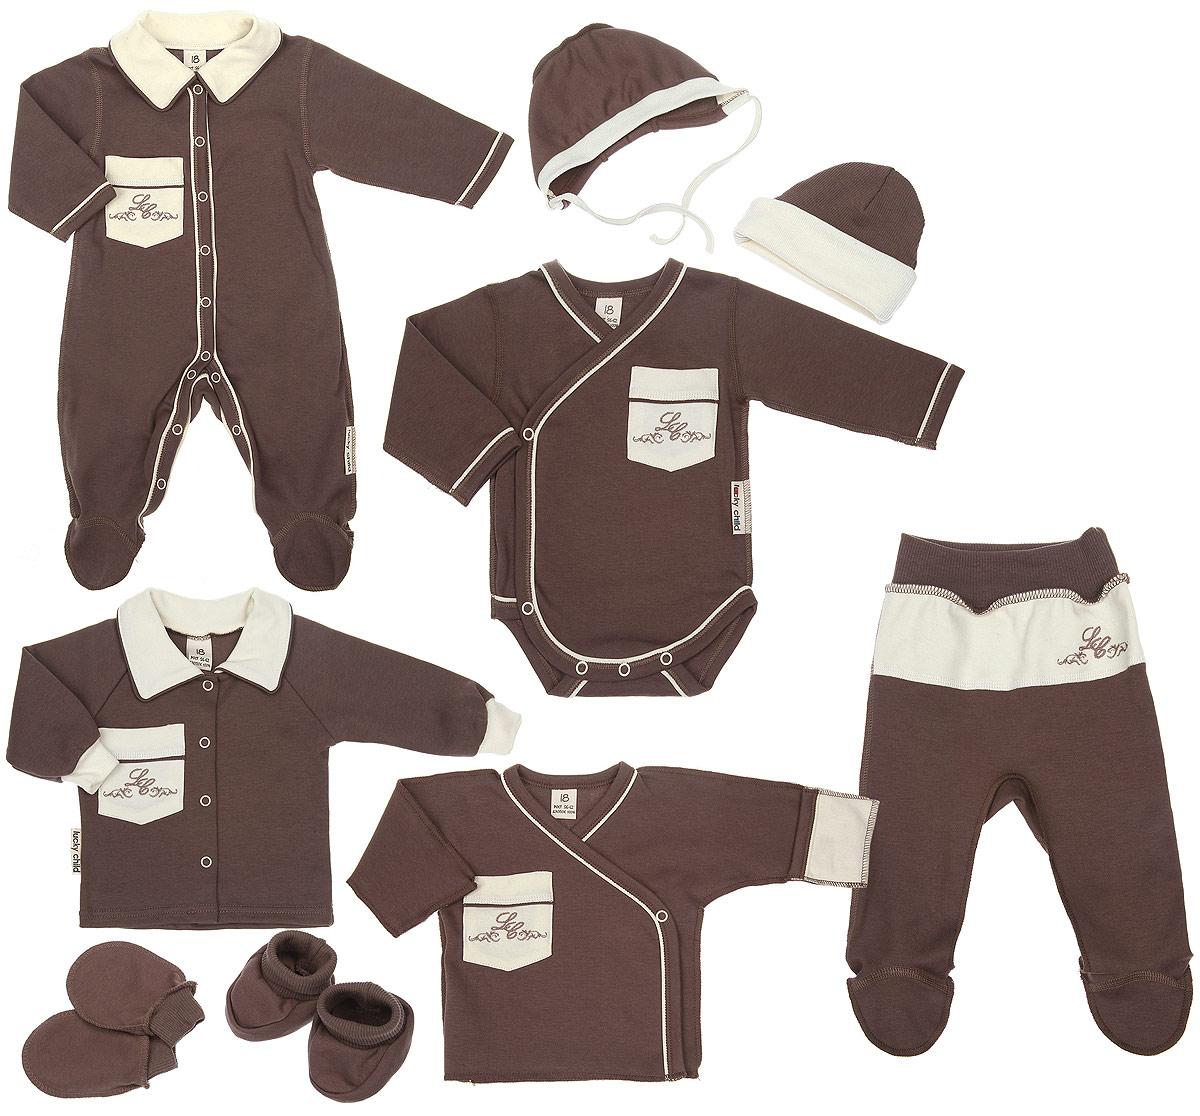 Подарочный комплект для новорожденного Lucky Child Классик, 9 предметов, цвет: кофейный, молочный. 20-1000. Размер 56/6220-1000Комплект для новорожденного Lucky Child Классик - это замечательный подарок, который прекрасно подойдет для первых дней жизни младенца. Комплект состоит из комбинезона, боди-кимоно, распашонки-кимоно, кофточки, ползунков, шапочки, чепчика, рукавичек и пинеток. Изготовленный из натурального хлопка, он необычайно мягкий и приятный на ощупь, не сковывает движения ребенка и позволяет коже дышать, не раздражает даже самую нежную и чувствительную кожу ребенка, обеспечивая ему наибольший комфорт.Комбинезон с длинными рукавами, отложным воротником контрастного цвета и закрытыми ножками имеет застежки-кнопки от горловины до пяточек, которые помогают легко переодеть младенца или сменить подгузник. На груди изделие дополнено накладным кармашком, украшенным вышивкой. Швы выполнены наружу.Удобное боди-кимоно с длинными рукавами и V-образным вырезом горловины имеет удобные застежки-кнопки по принципу кимоно, а также кнопки на ластовице, которые помогают легко переодеть младенца и сменить подгузник. На груди изделие дополнено накладным кармашком, украшенным вышивкой. Швы выполнены наружу. Распашонка-кимоно с V-образным вырезом горловины и длинными рукавами-кимоно имеет застежки-кнопки по принципу кимоно, благодаря которым, модель можно полностью расстегнуть. А благодаря рукавичкам ребенок не поцарапает себя. Ручки могут быть как открытыми, так и закрытыми. На груди изделие дополнено накладным кармашком, украшенным вышивкой. Швы выполнены наружу.Кофточка с длинными рукавами-реглан и отложным воротником контрастного цвета спереди застегивается на металлические кнопки, что помогает с легкостью переодеть ребенка. Рукава имеют широкие эластичные манжеты. На груди изделие дополнено накладным кармашком, украшенным вышивкой. Ползунки, благодаря мягкому и широкому поясу, не сдавливают животик младенца и не сползают. Они идеально подходят для ношения с подгузником. 